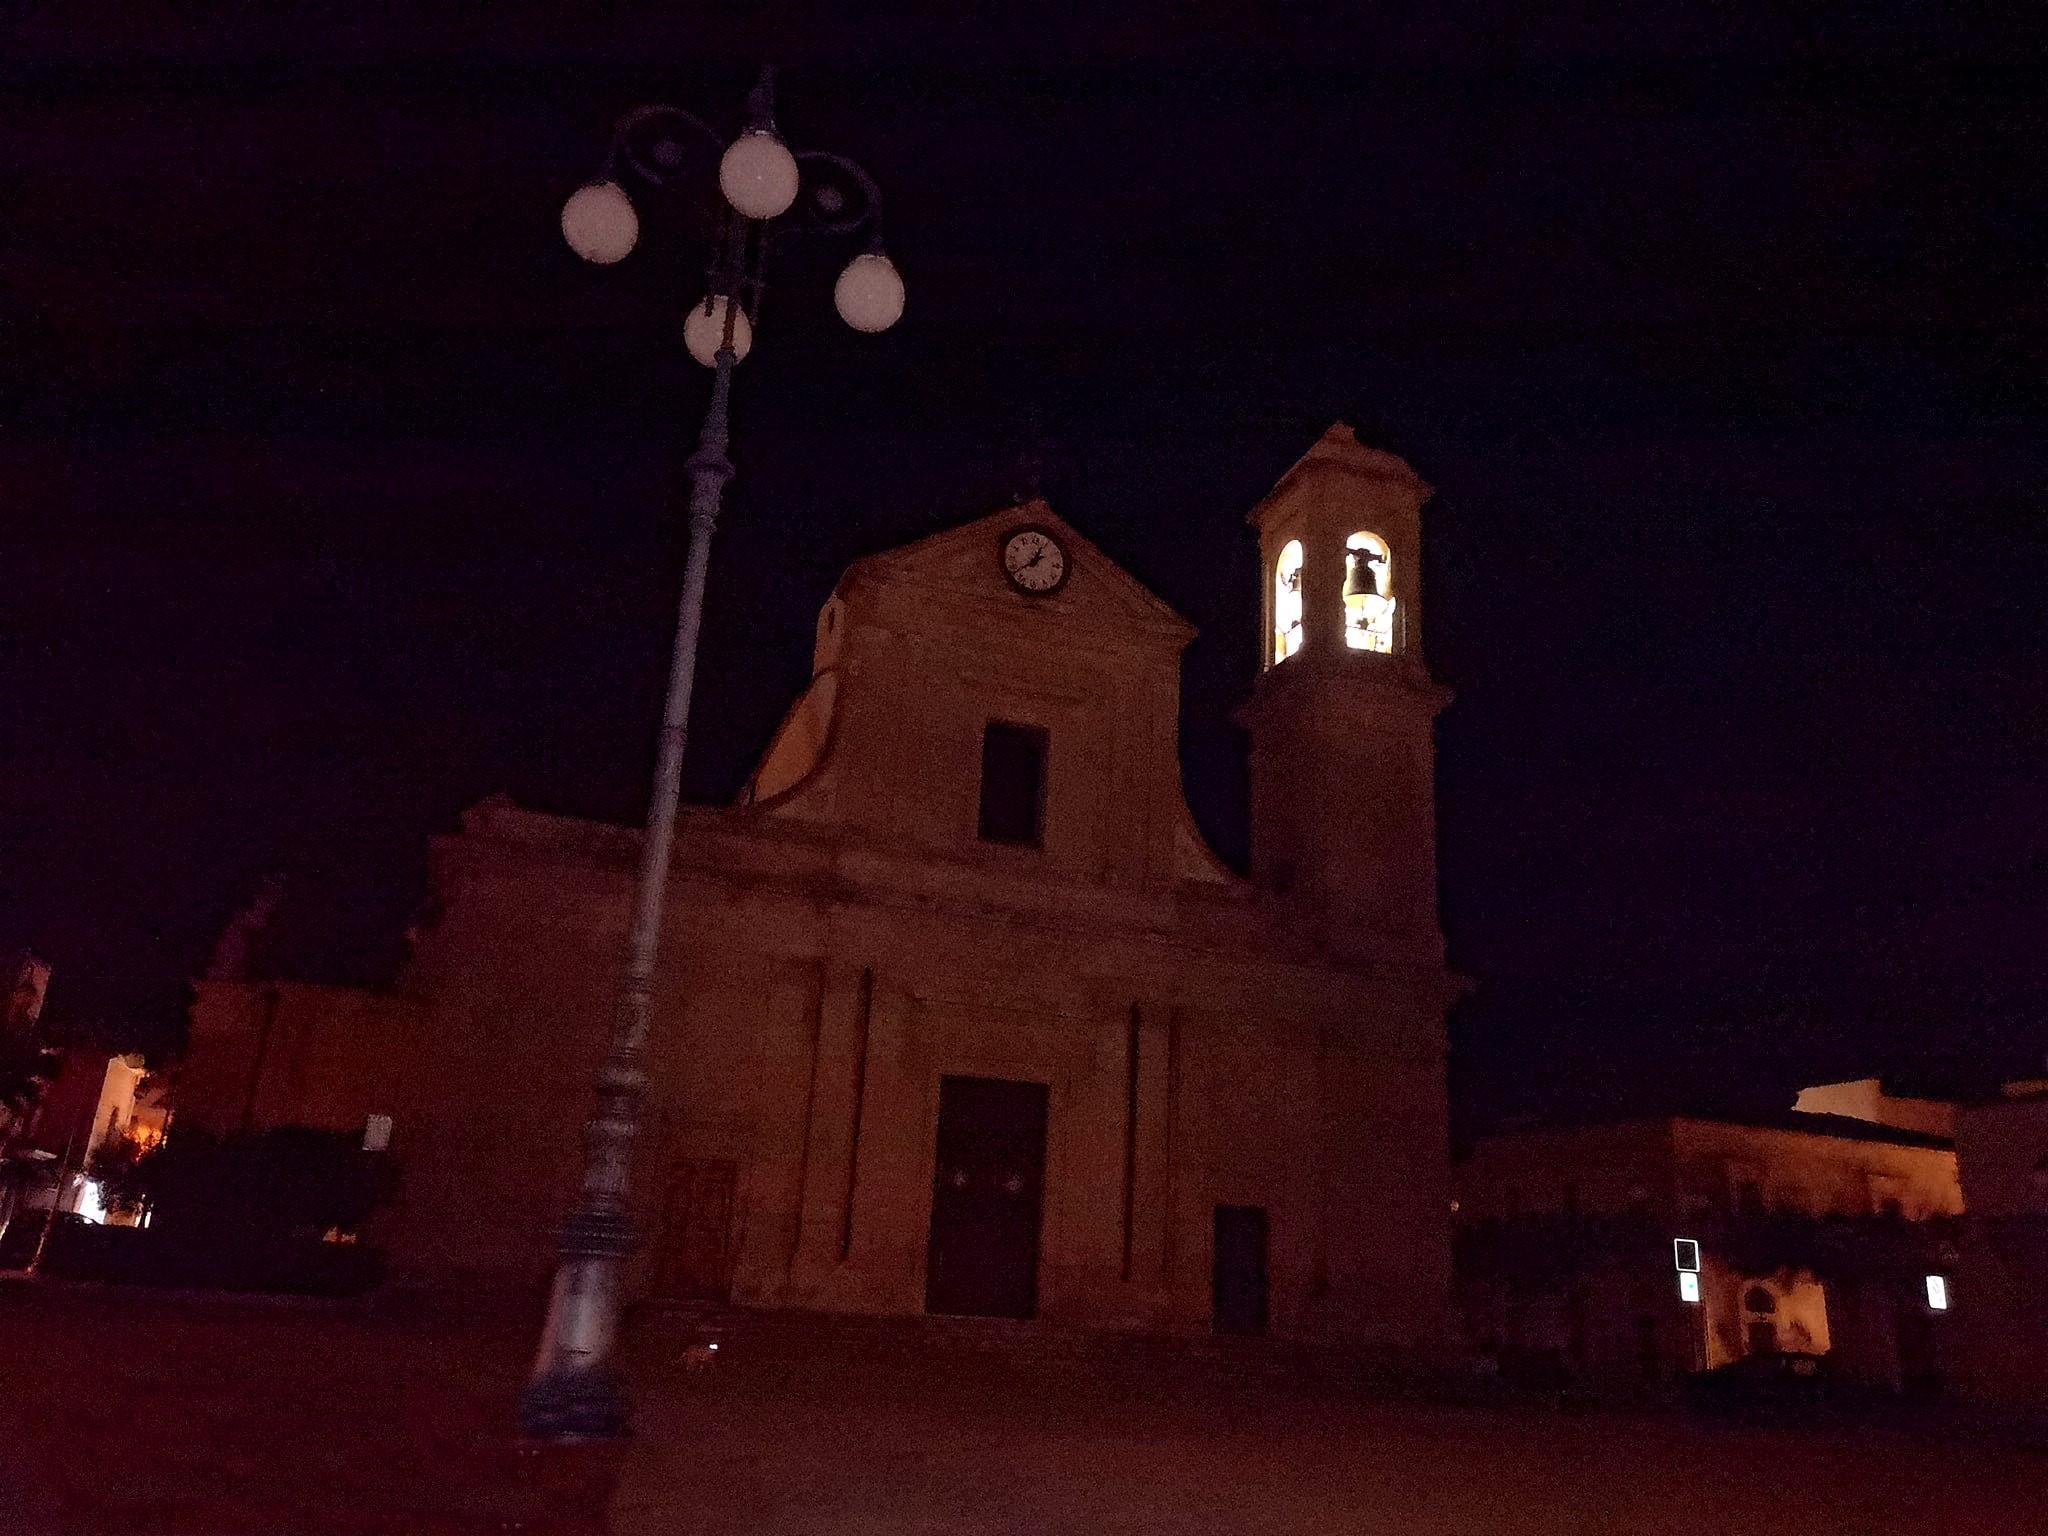 Cartoline da S.Croce: Piazza Vittorio Emanuele al buio da tre notti